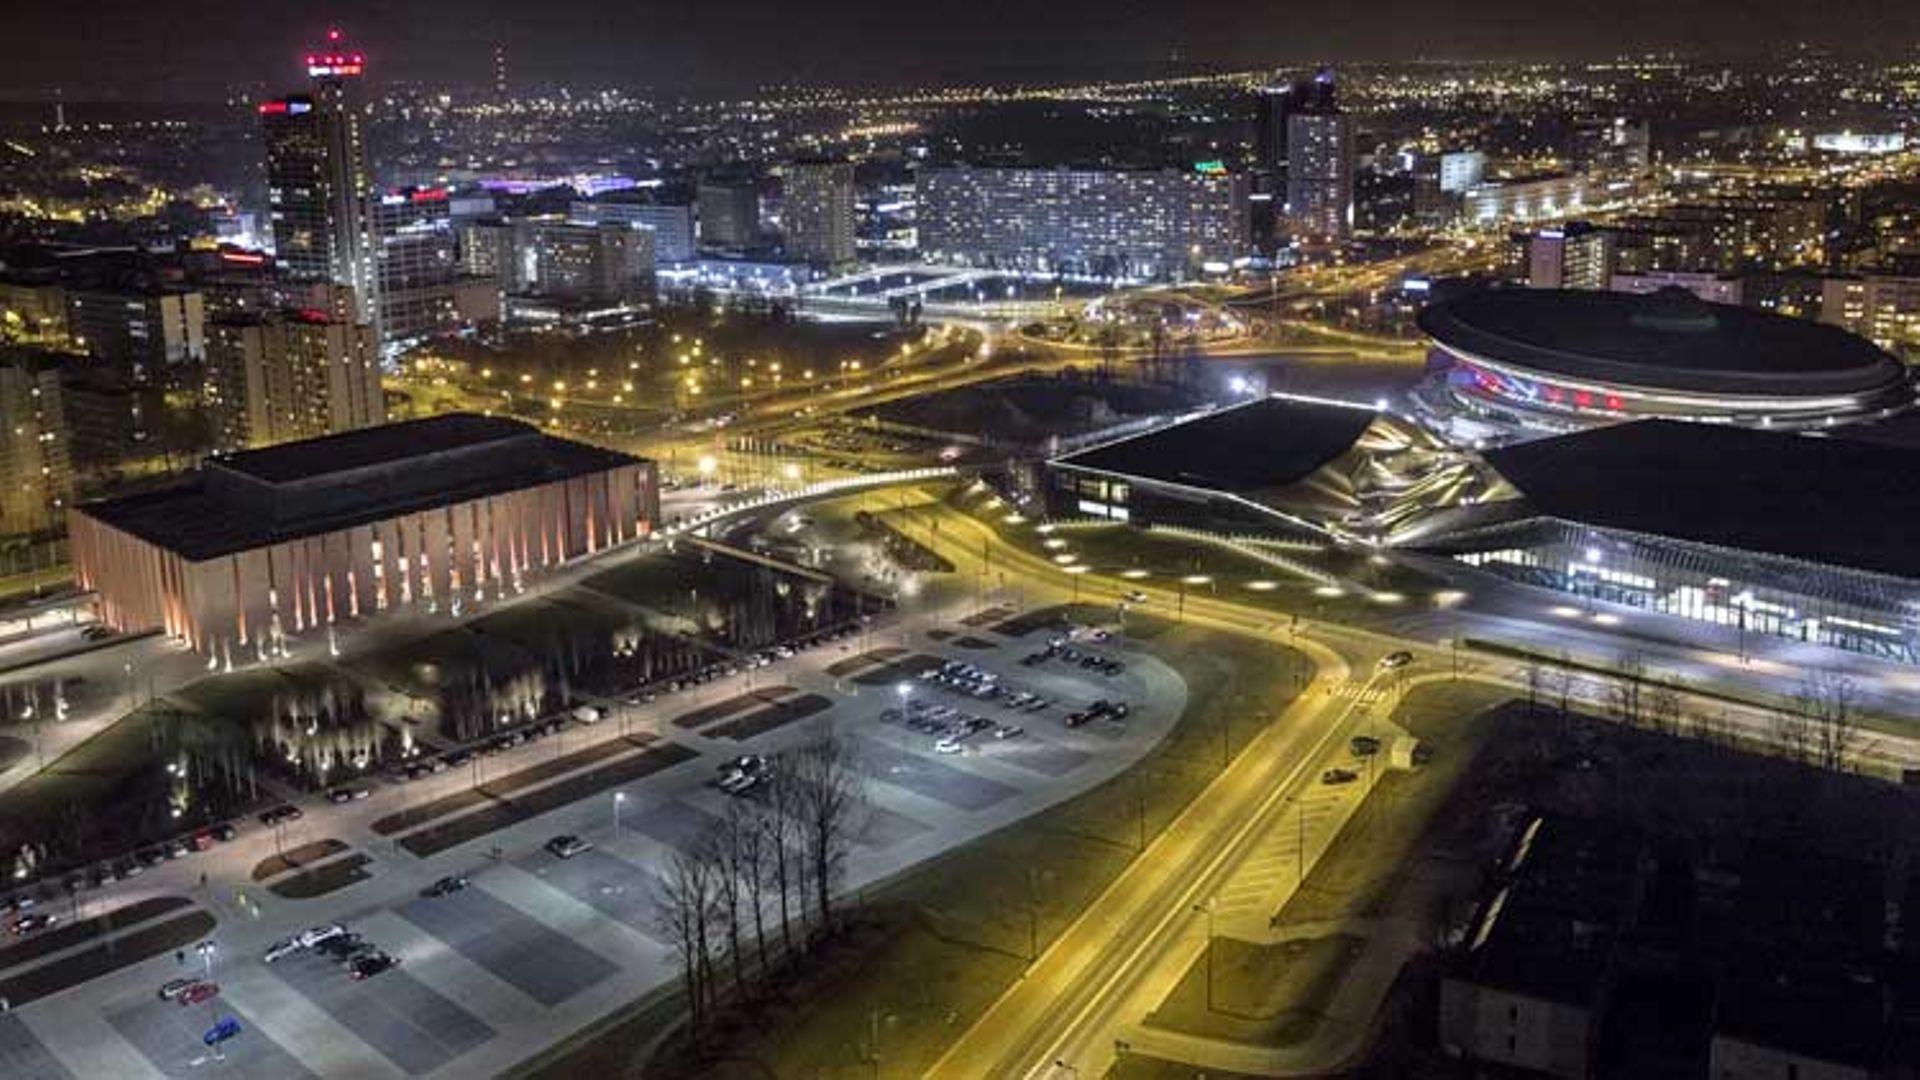 W 2023 roku w Katowicach ma być dostępny ponad milion mkw. powierzchni biurowych